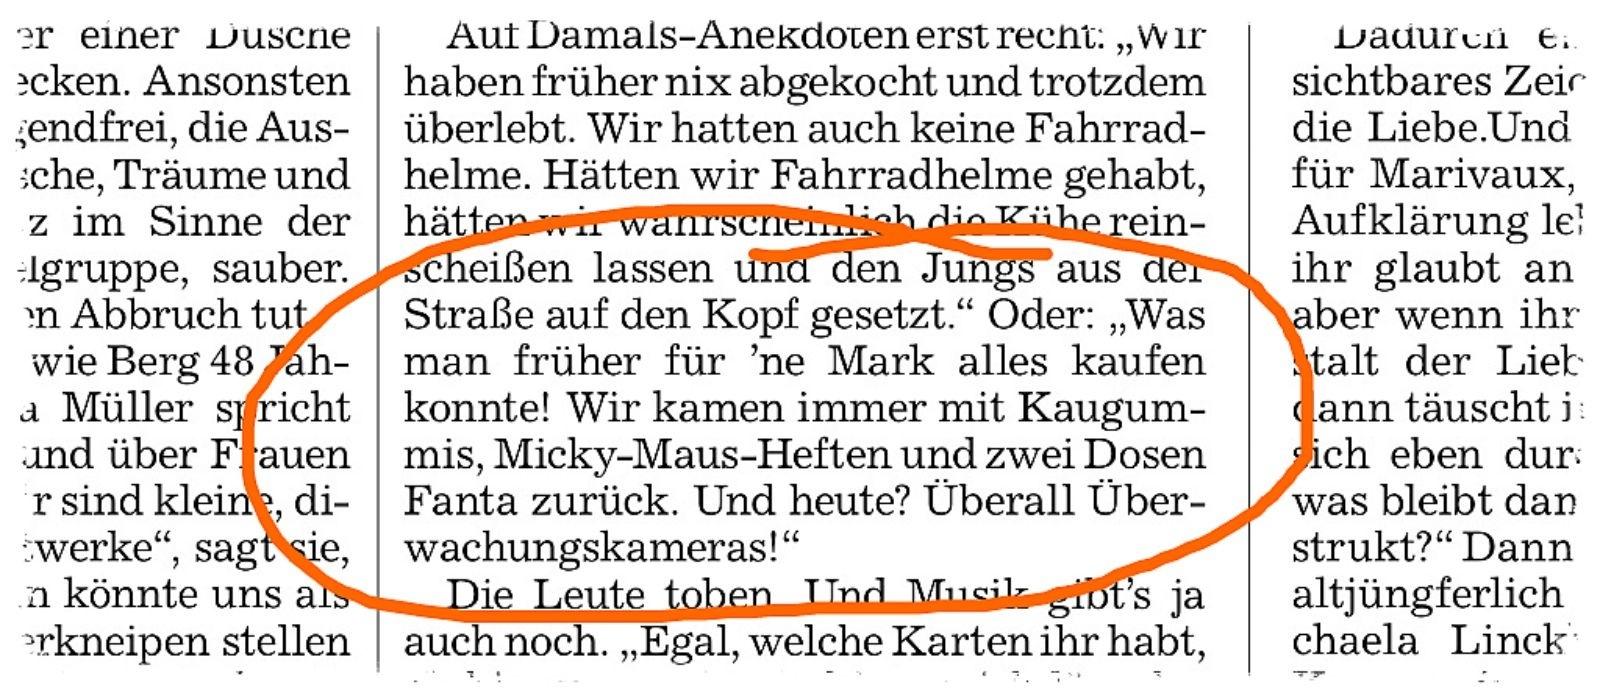 Quelle: Hannoversche Allgemeine Zeitung vom 03.02.2014